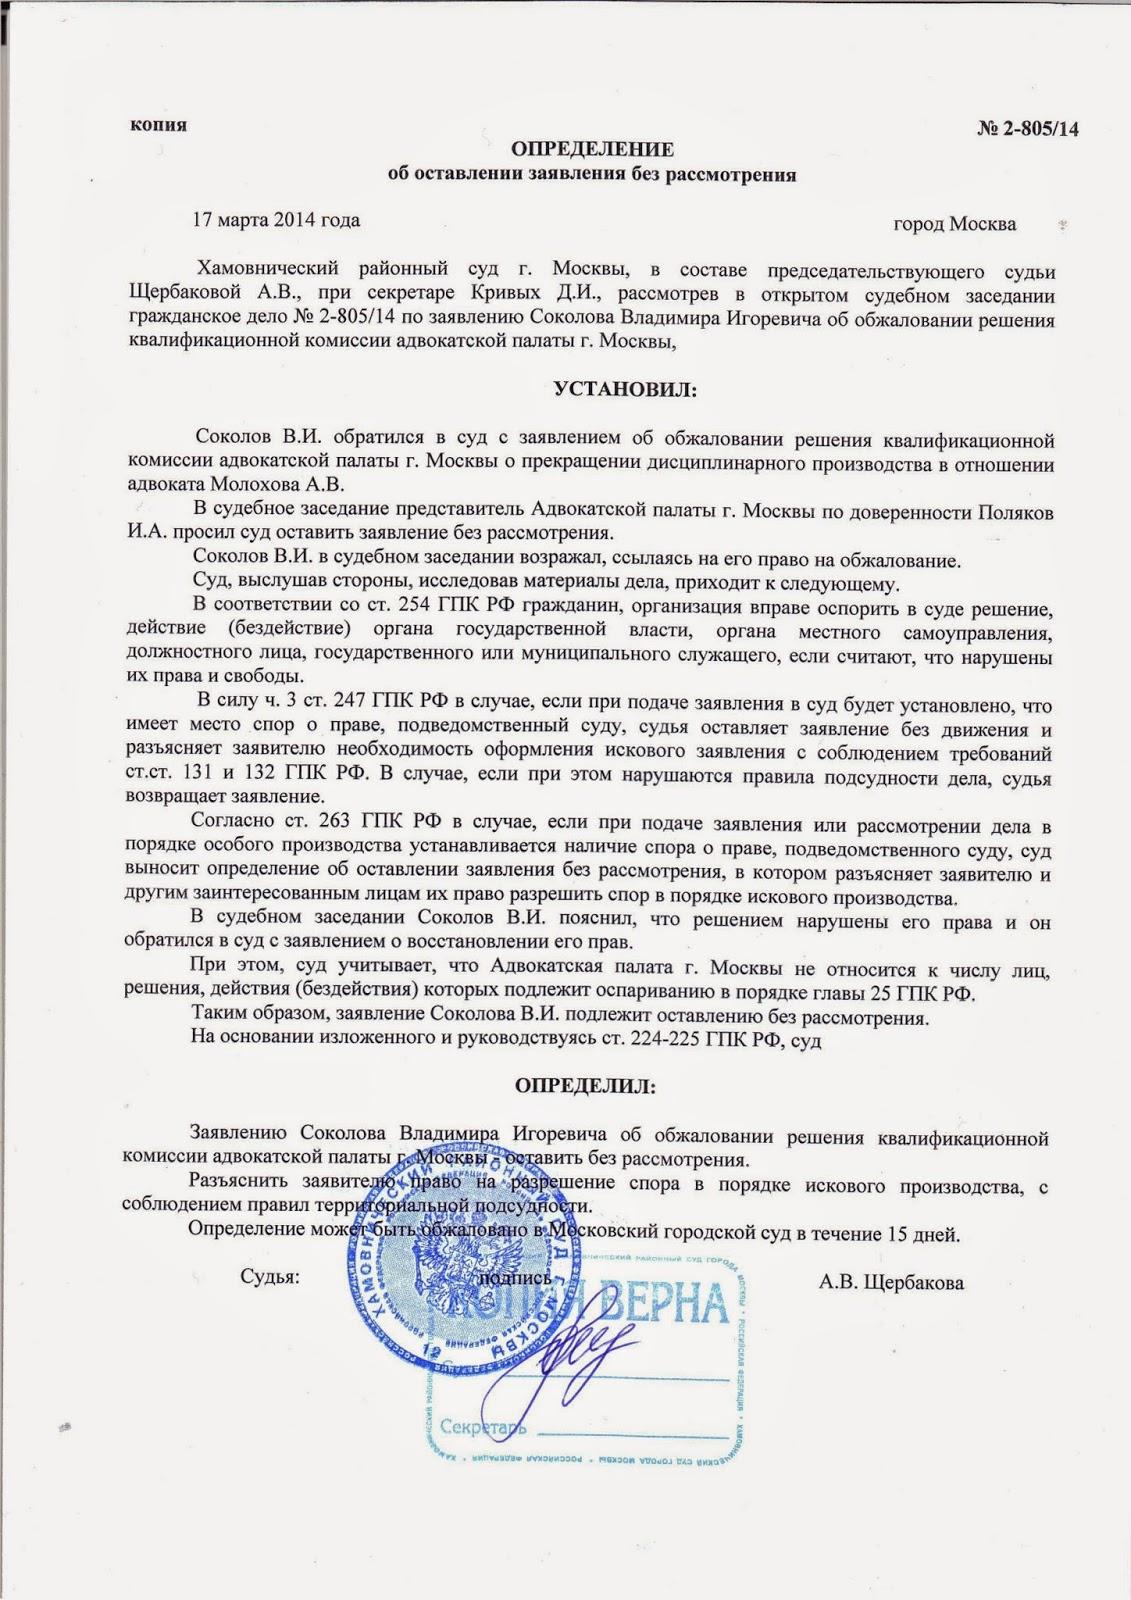 Решения дисциплинарной комиссии адвокатской палаты санкт петербурга движущихся тротуарах